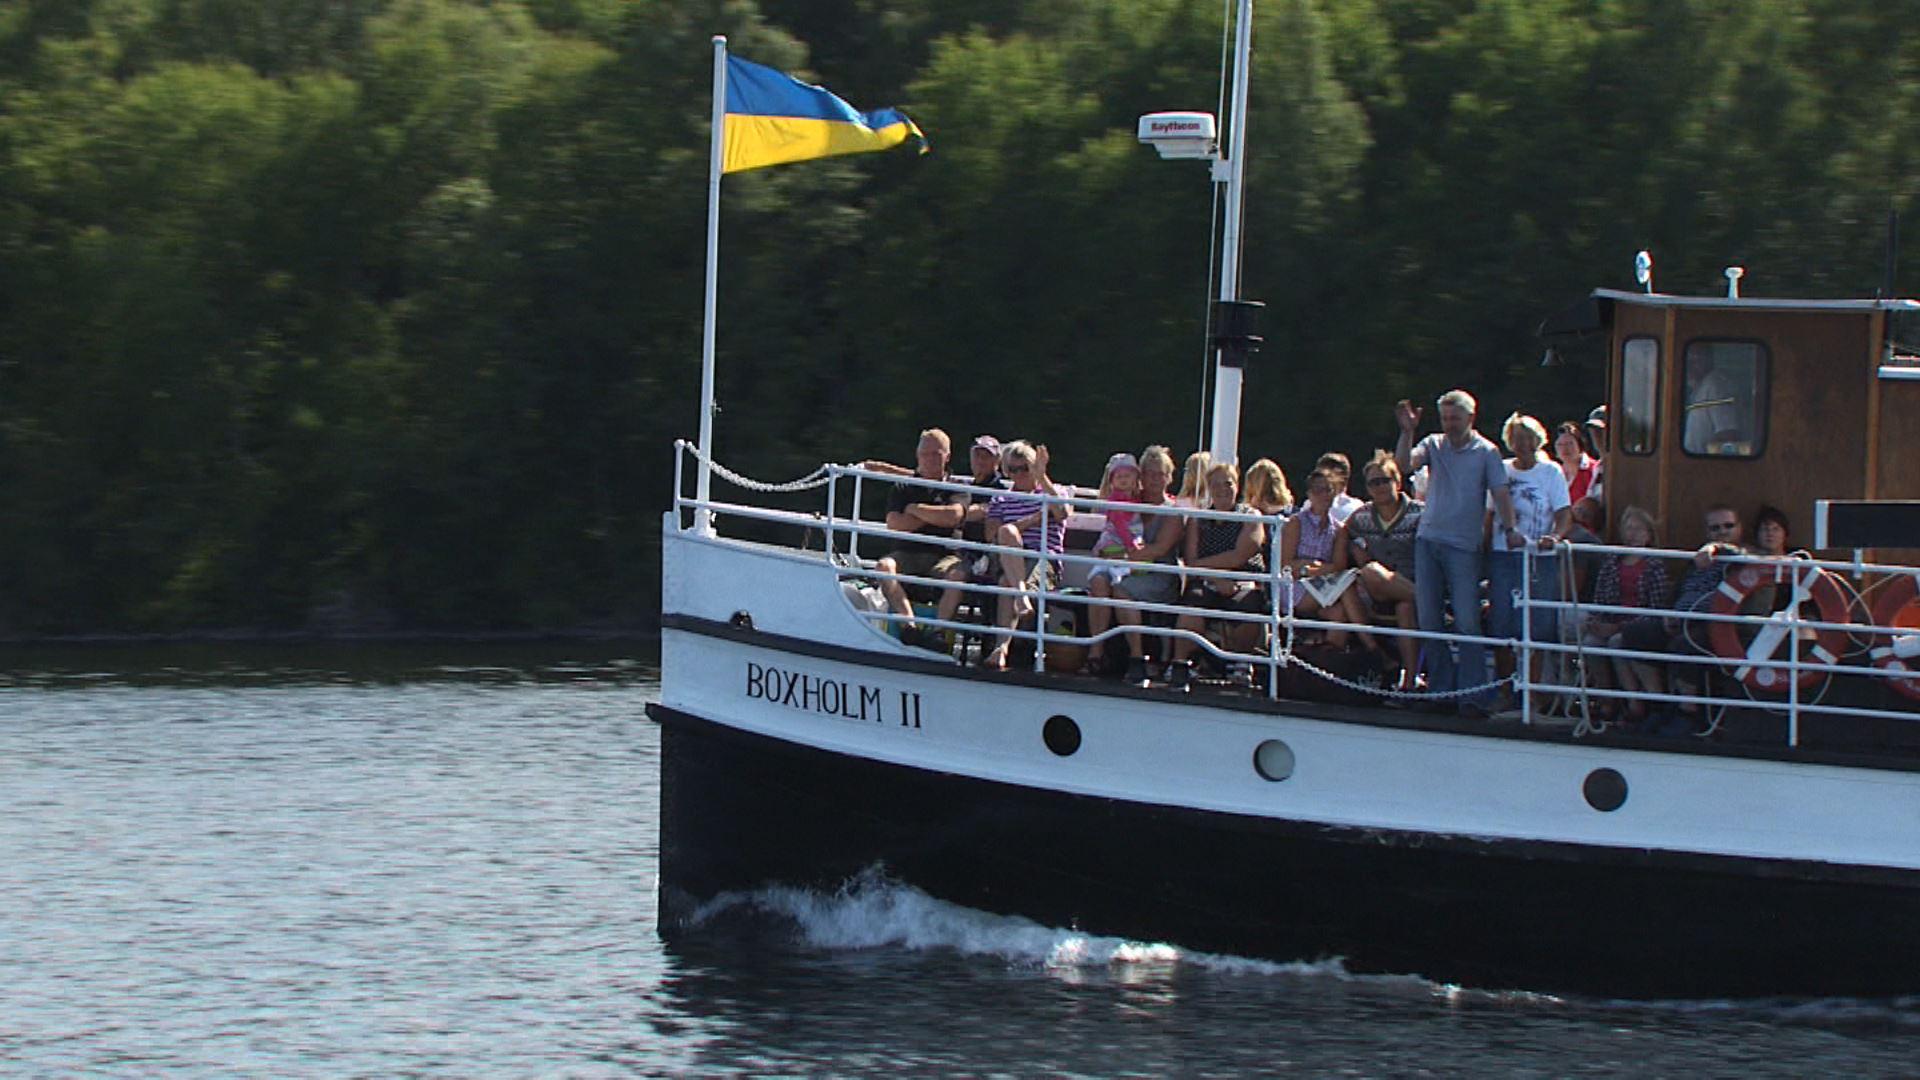 Söndagskryssning på S/S Boxholm II